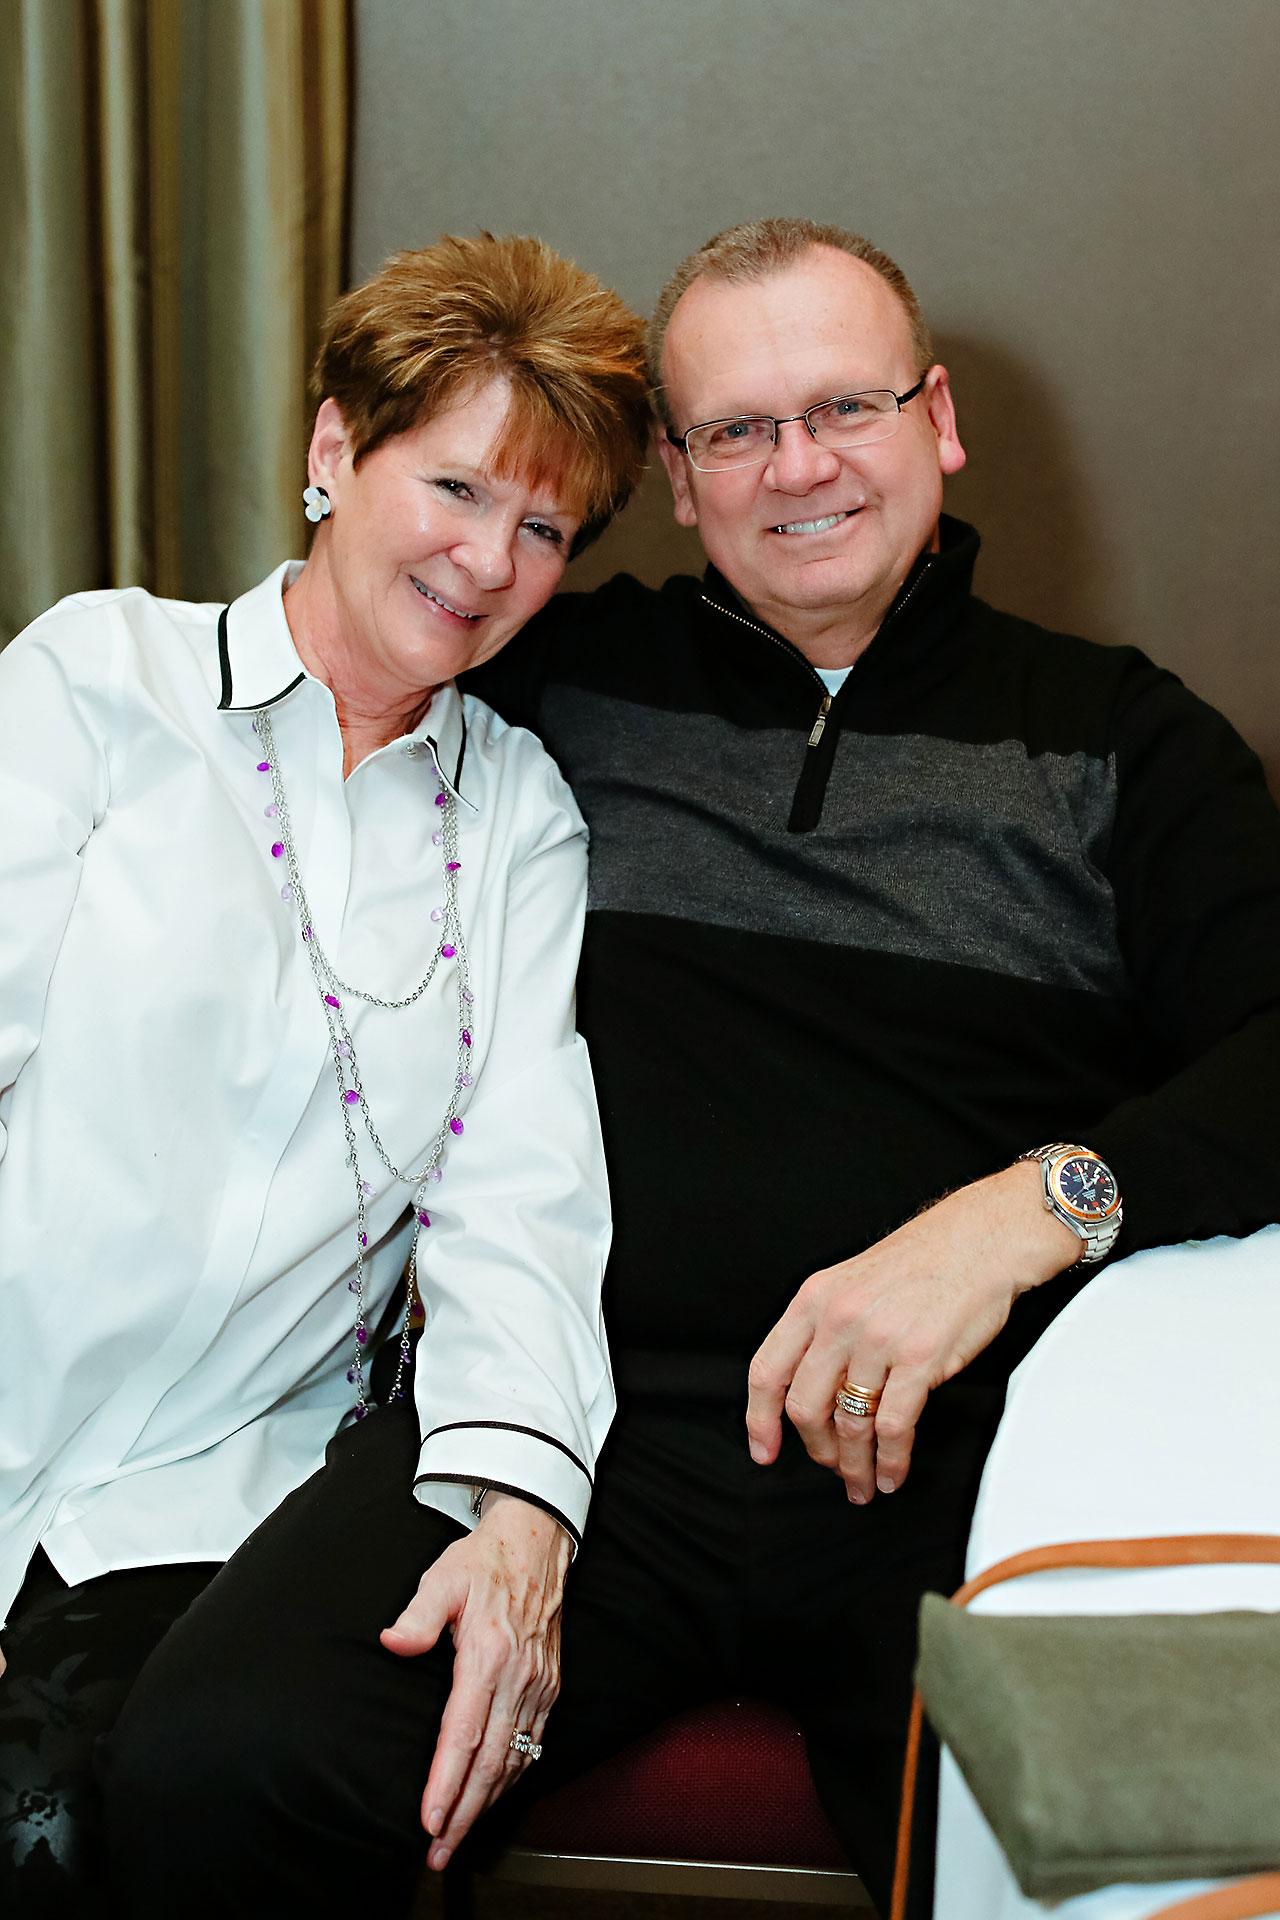 Rhonda Jeff Montage Indianapolis Wedding Reception 209